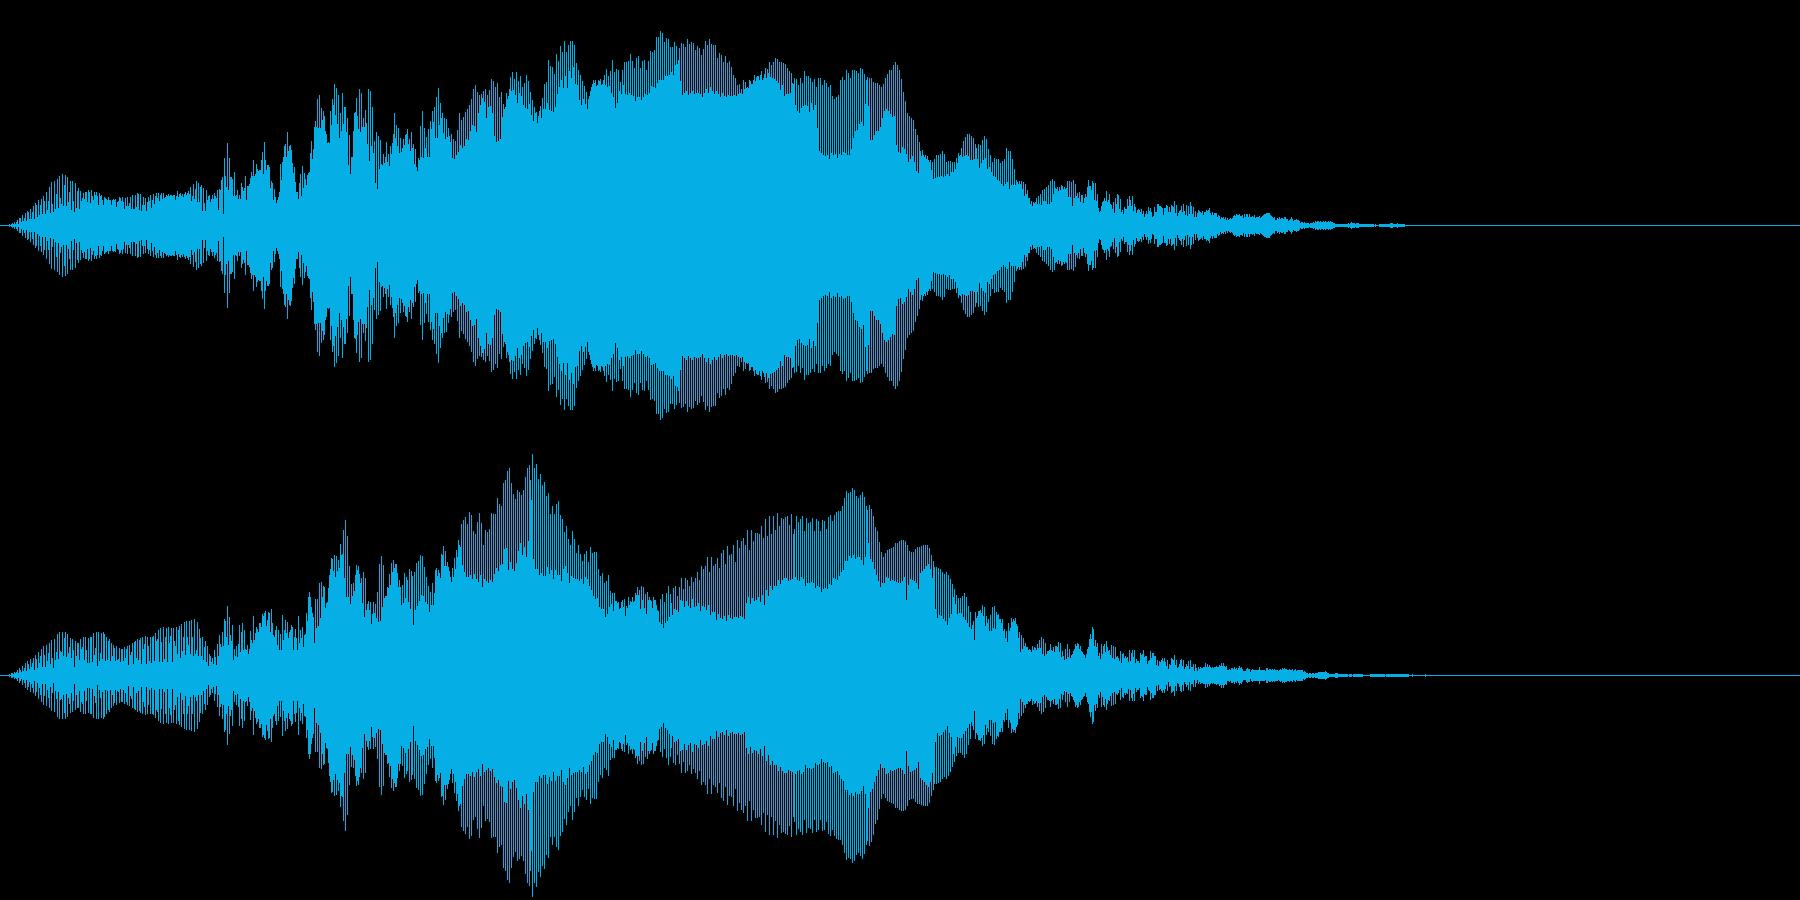 インドクジャクの鳴き声の再生済みの波形